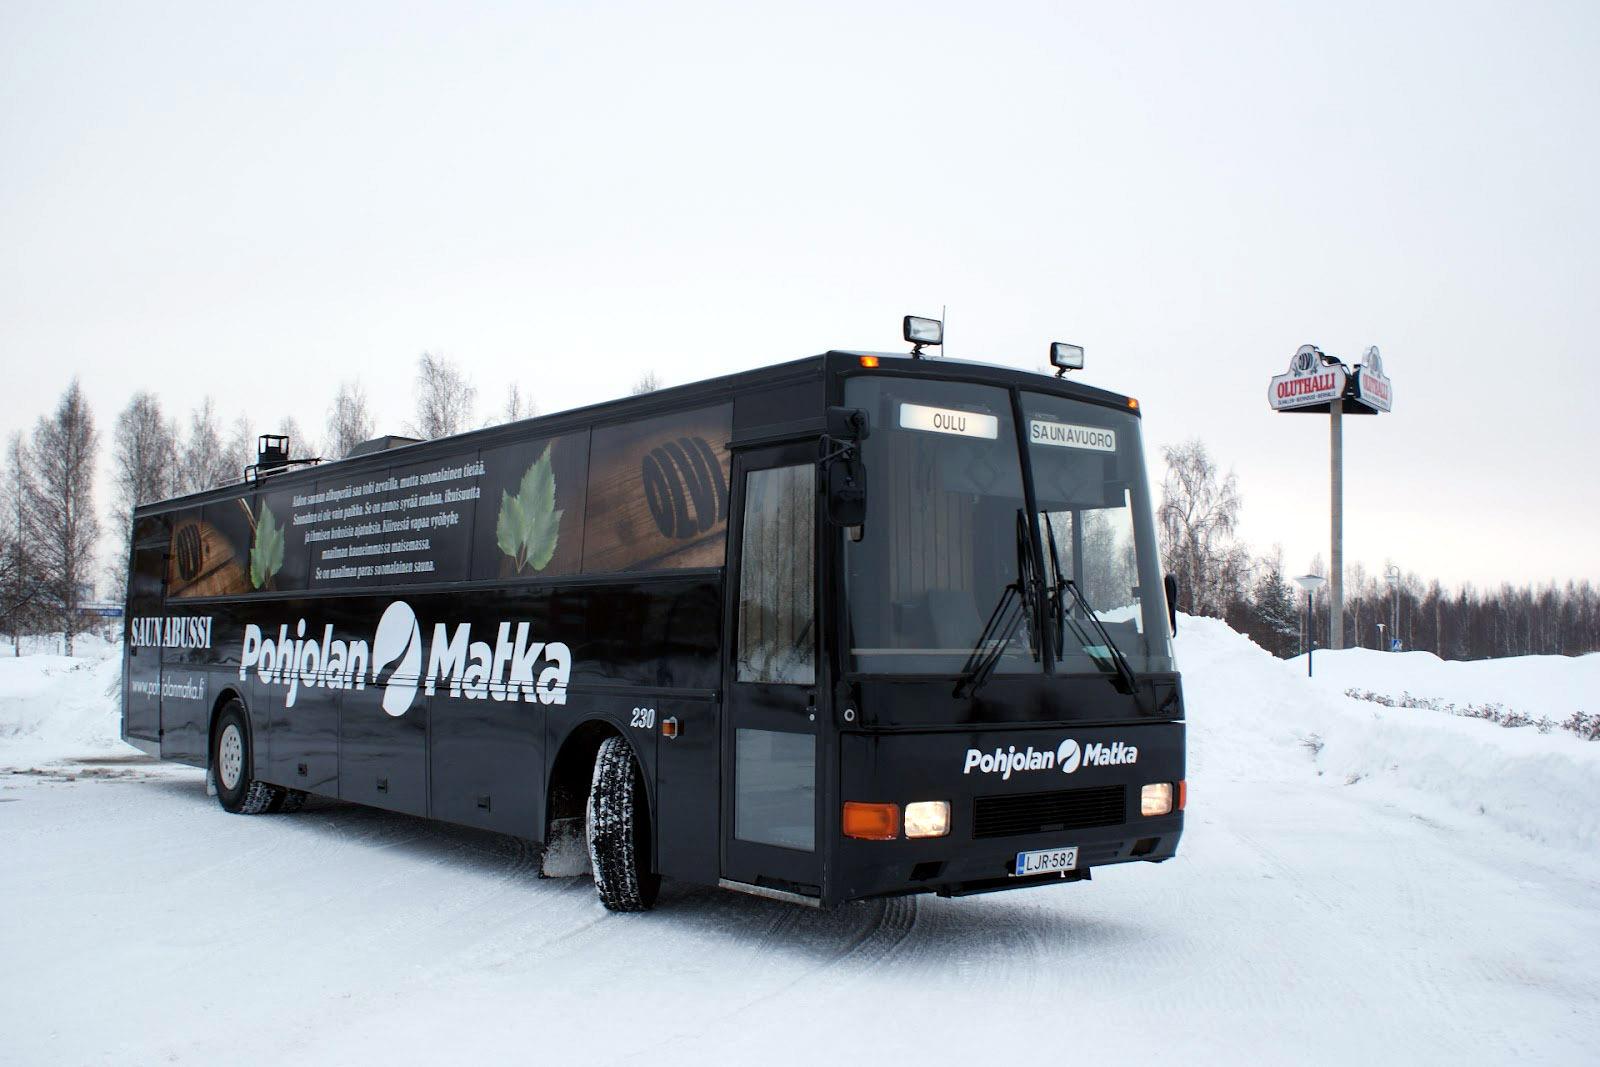 Автобус до финляндии с финлянского вокзала